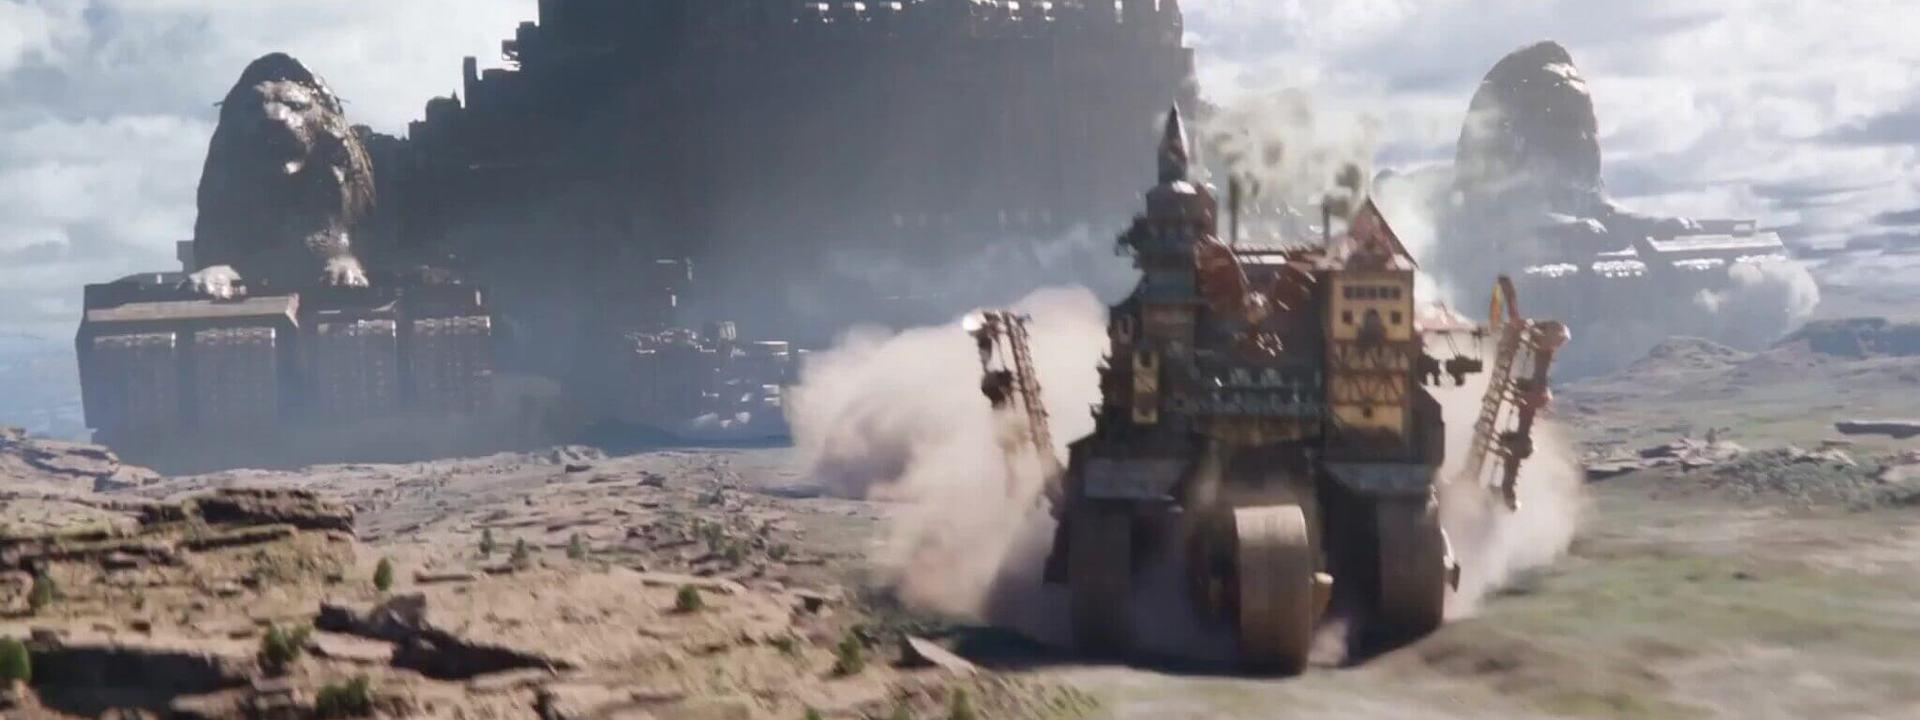 《移動城市:致命引擎》科幻史詩再現